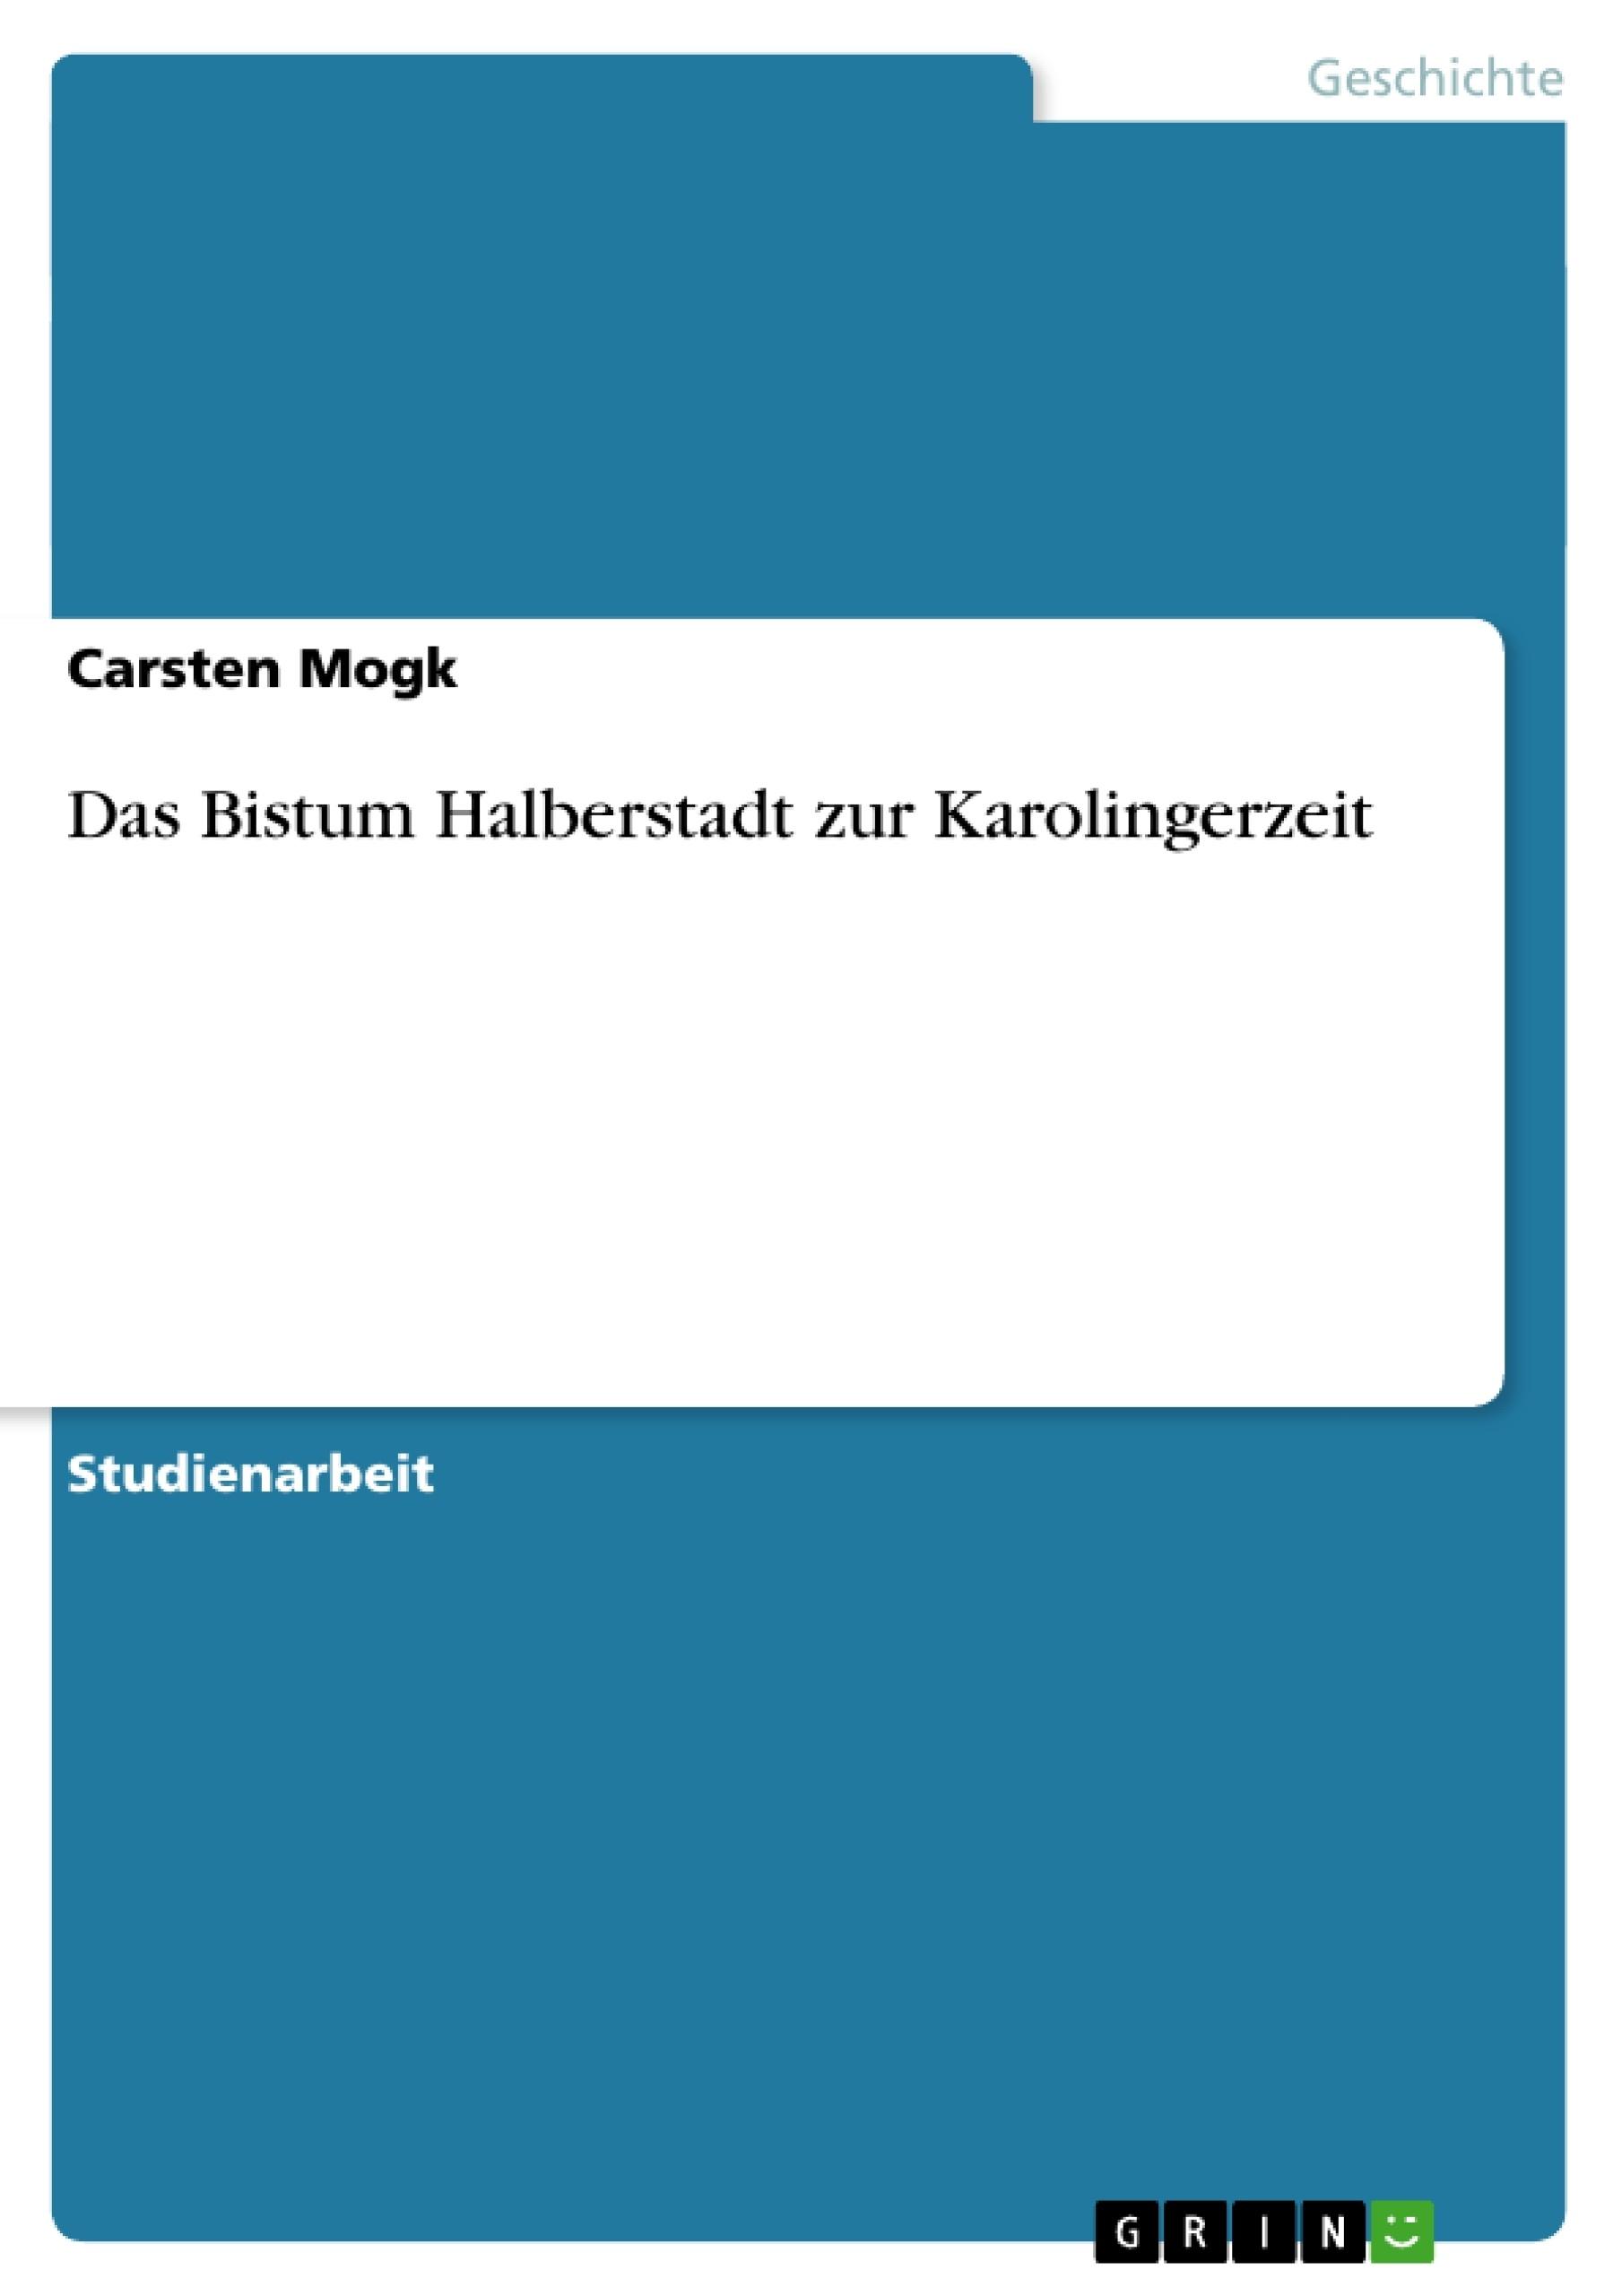 Titel: Das Bistum Halberstadt zur Karolingerzeit